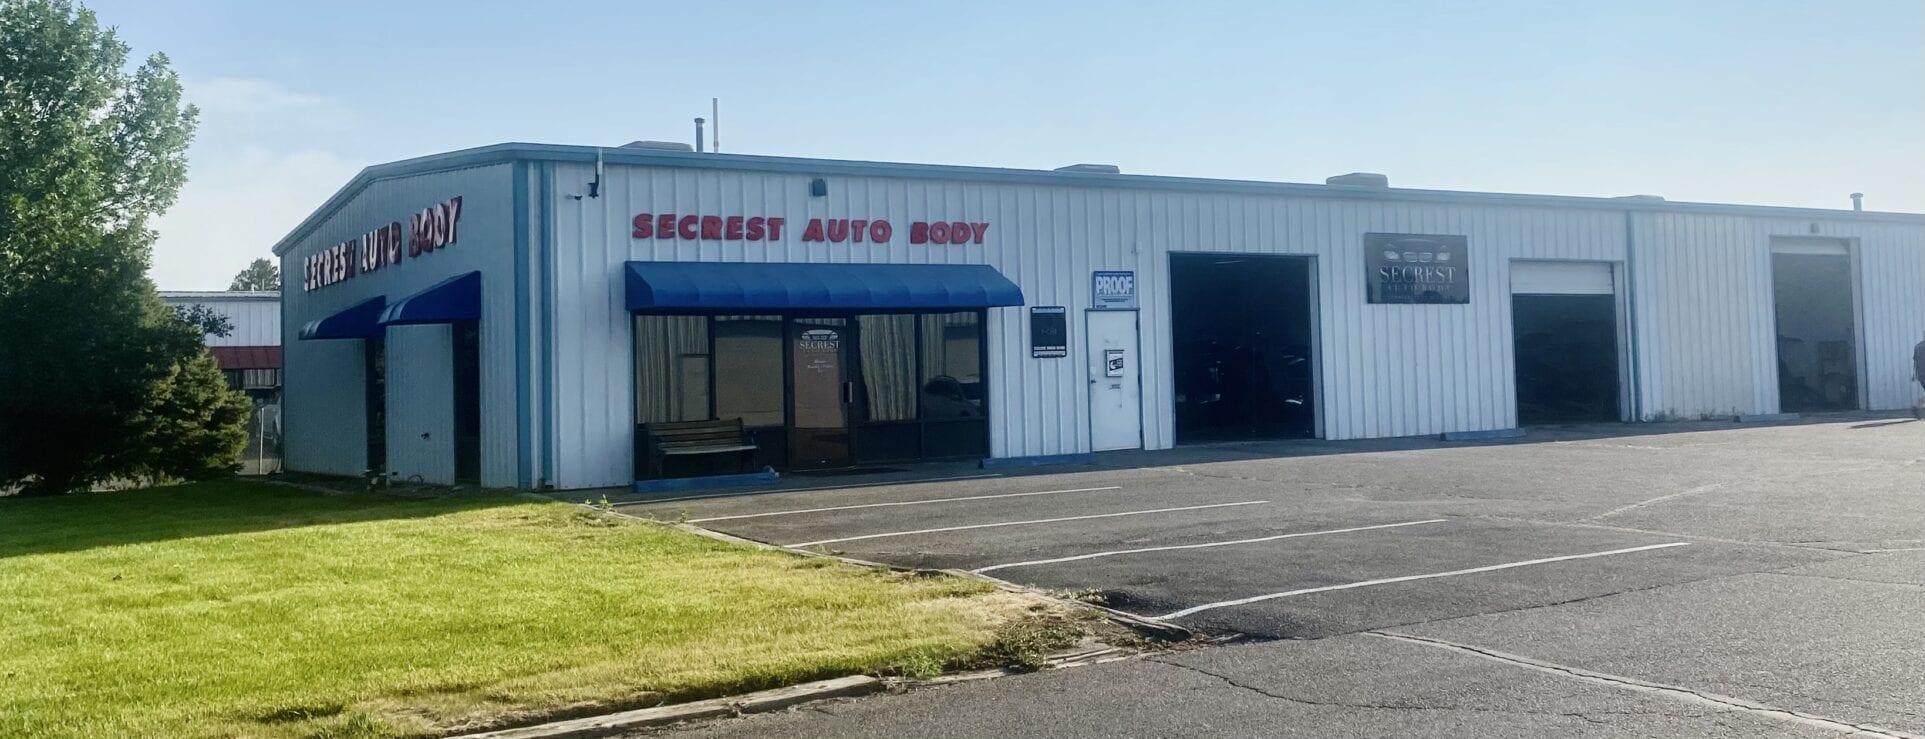 Secrest Auto Body Shop